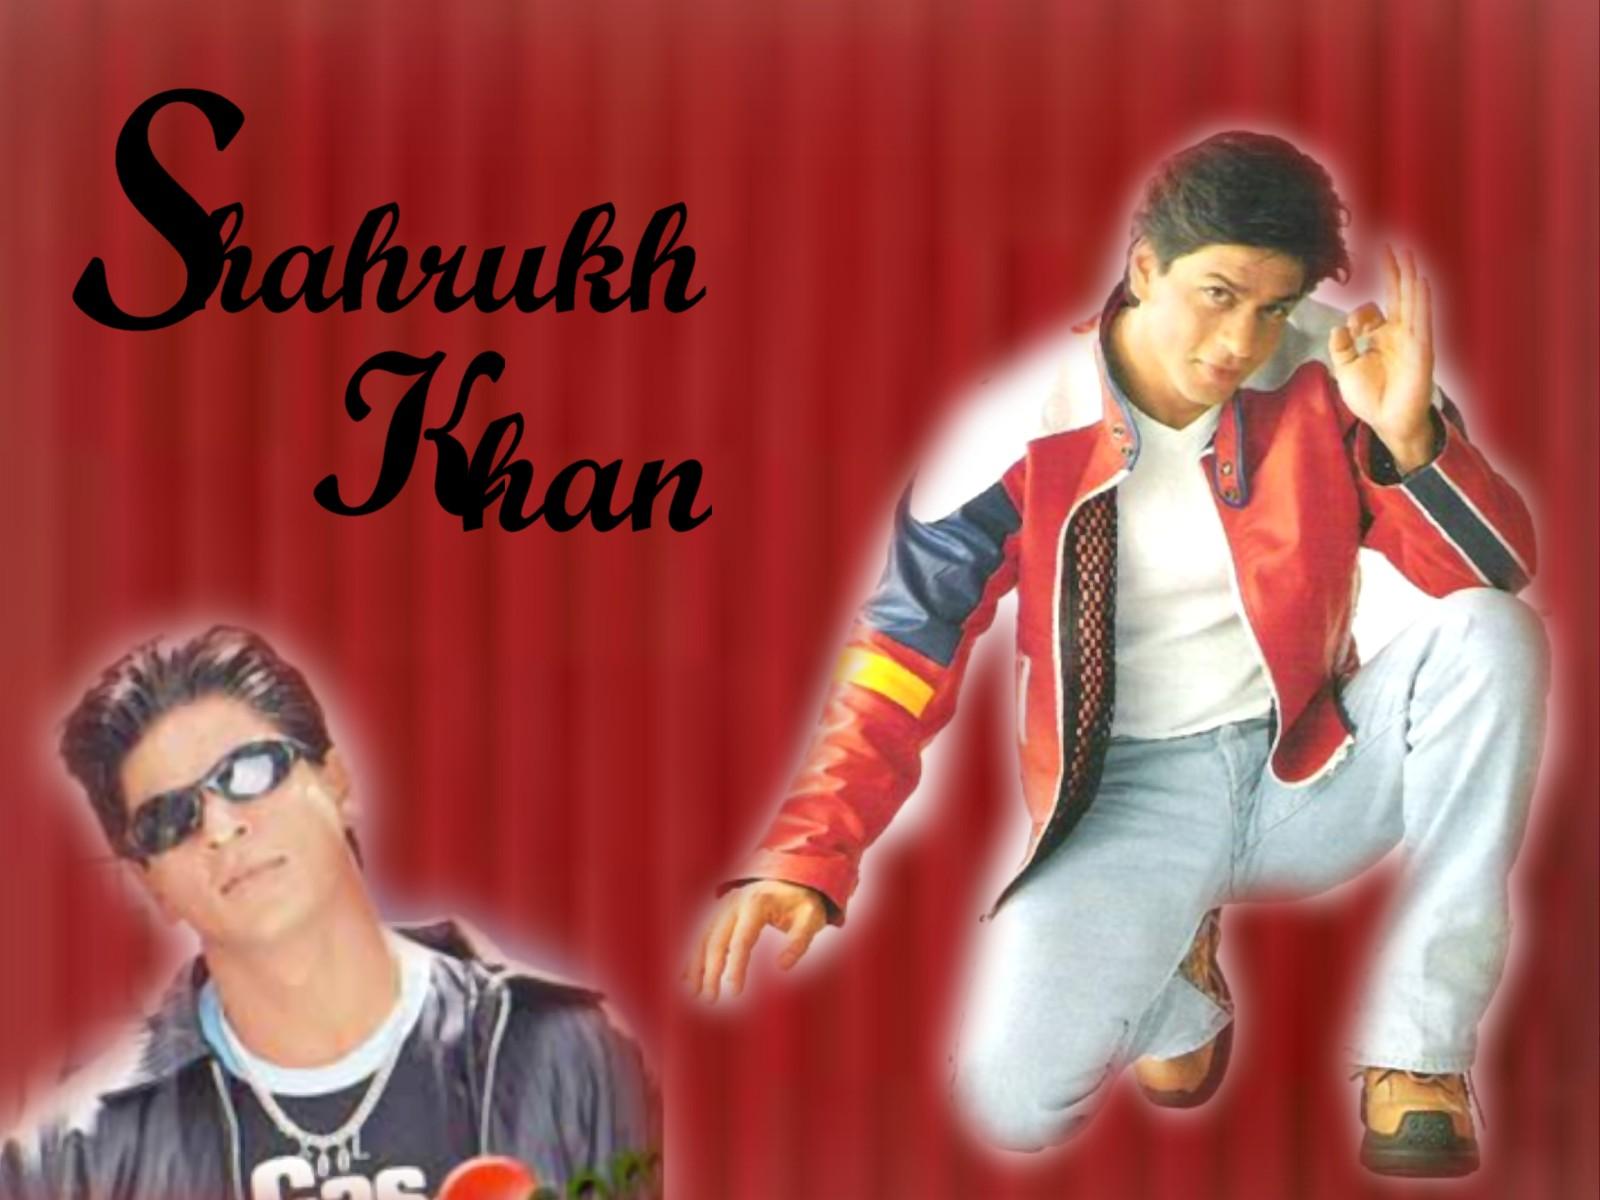 http://1.bp.blogspot.com/_zHx02JB4GE0/TRE2PEU4yEI/AAAAAAAAAVs/Z5MV0jNuC-M/s1600/Shahrukh+Khan+Wallpaper+%25285%2529.jpg